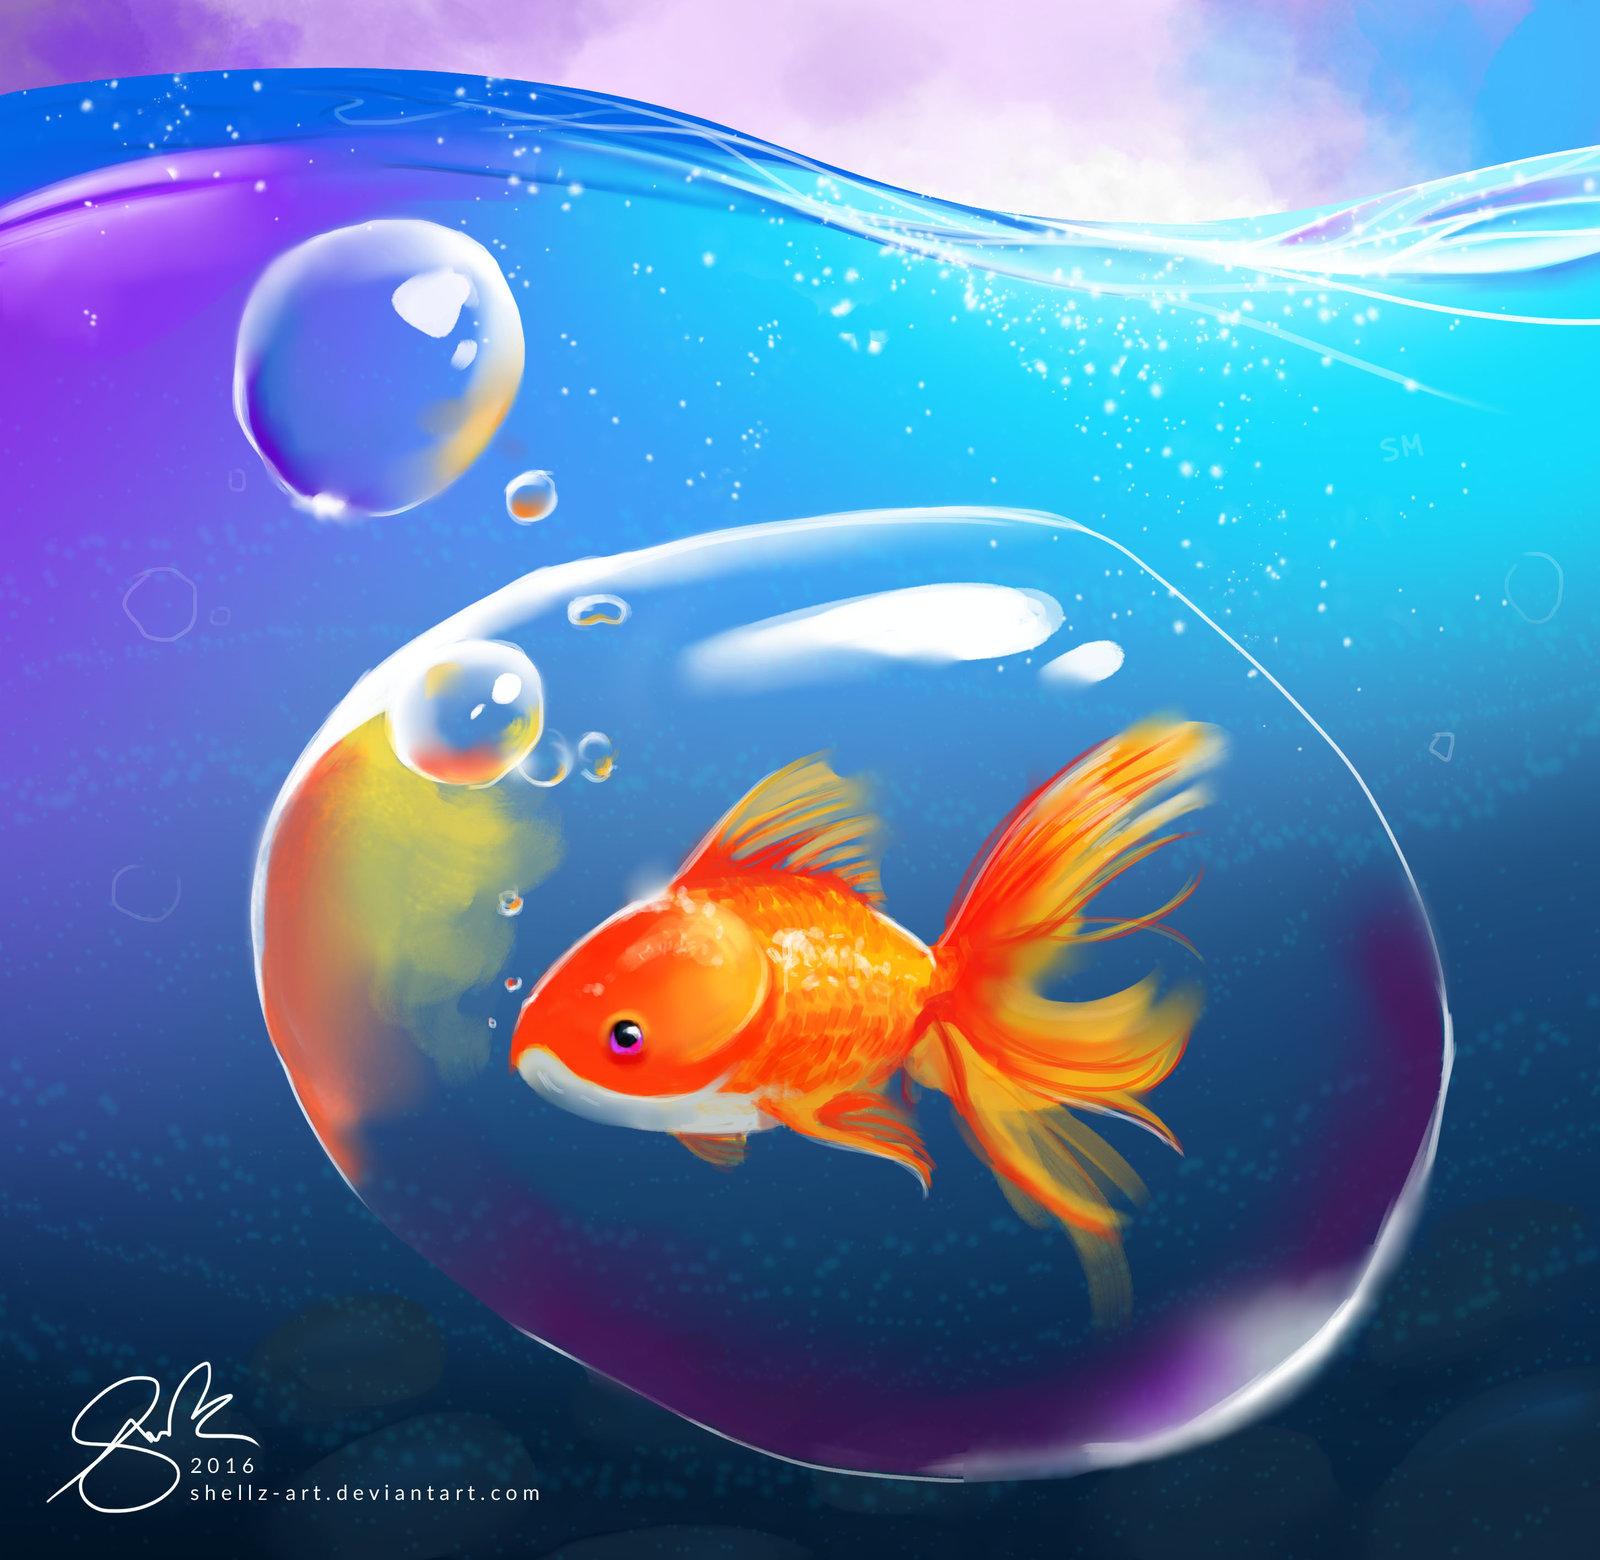 Фото Золотая рыбка в пузыре под водой, by Shellz